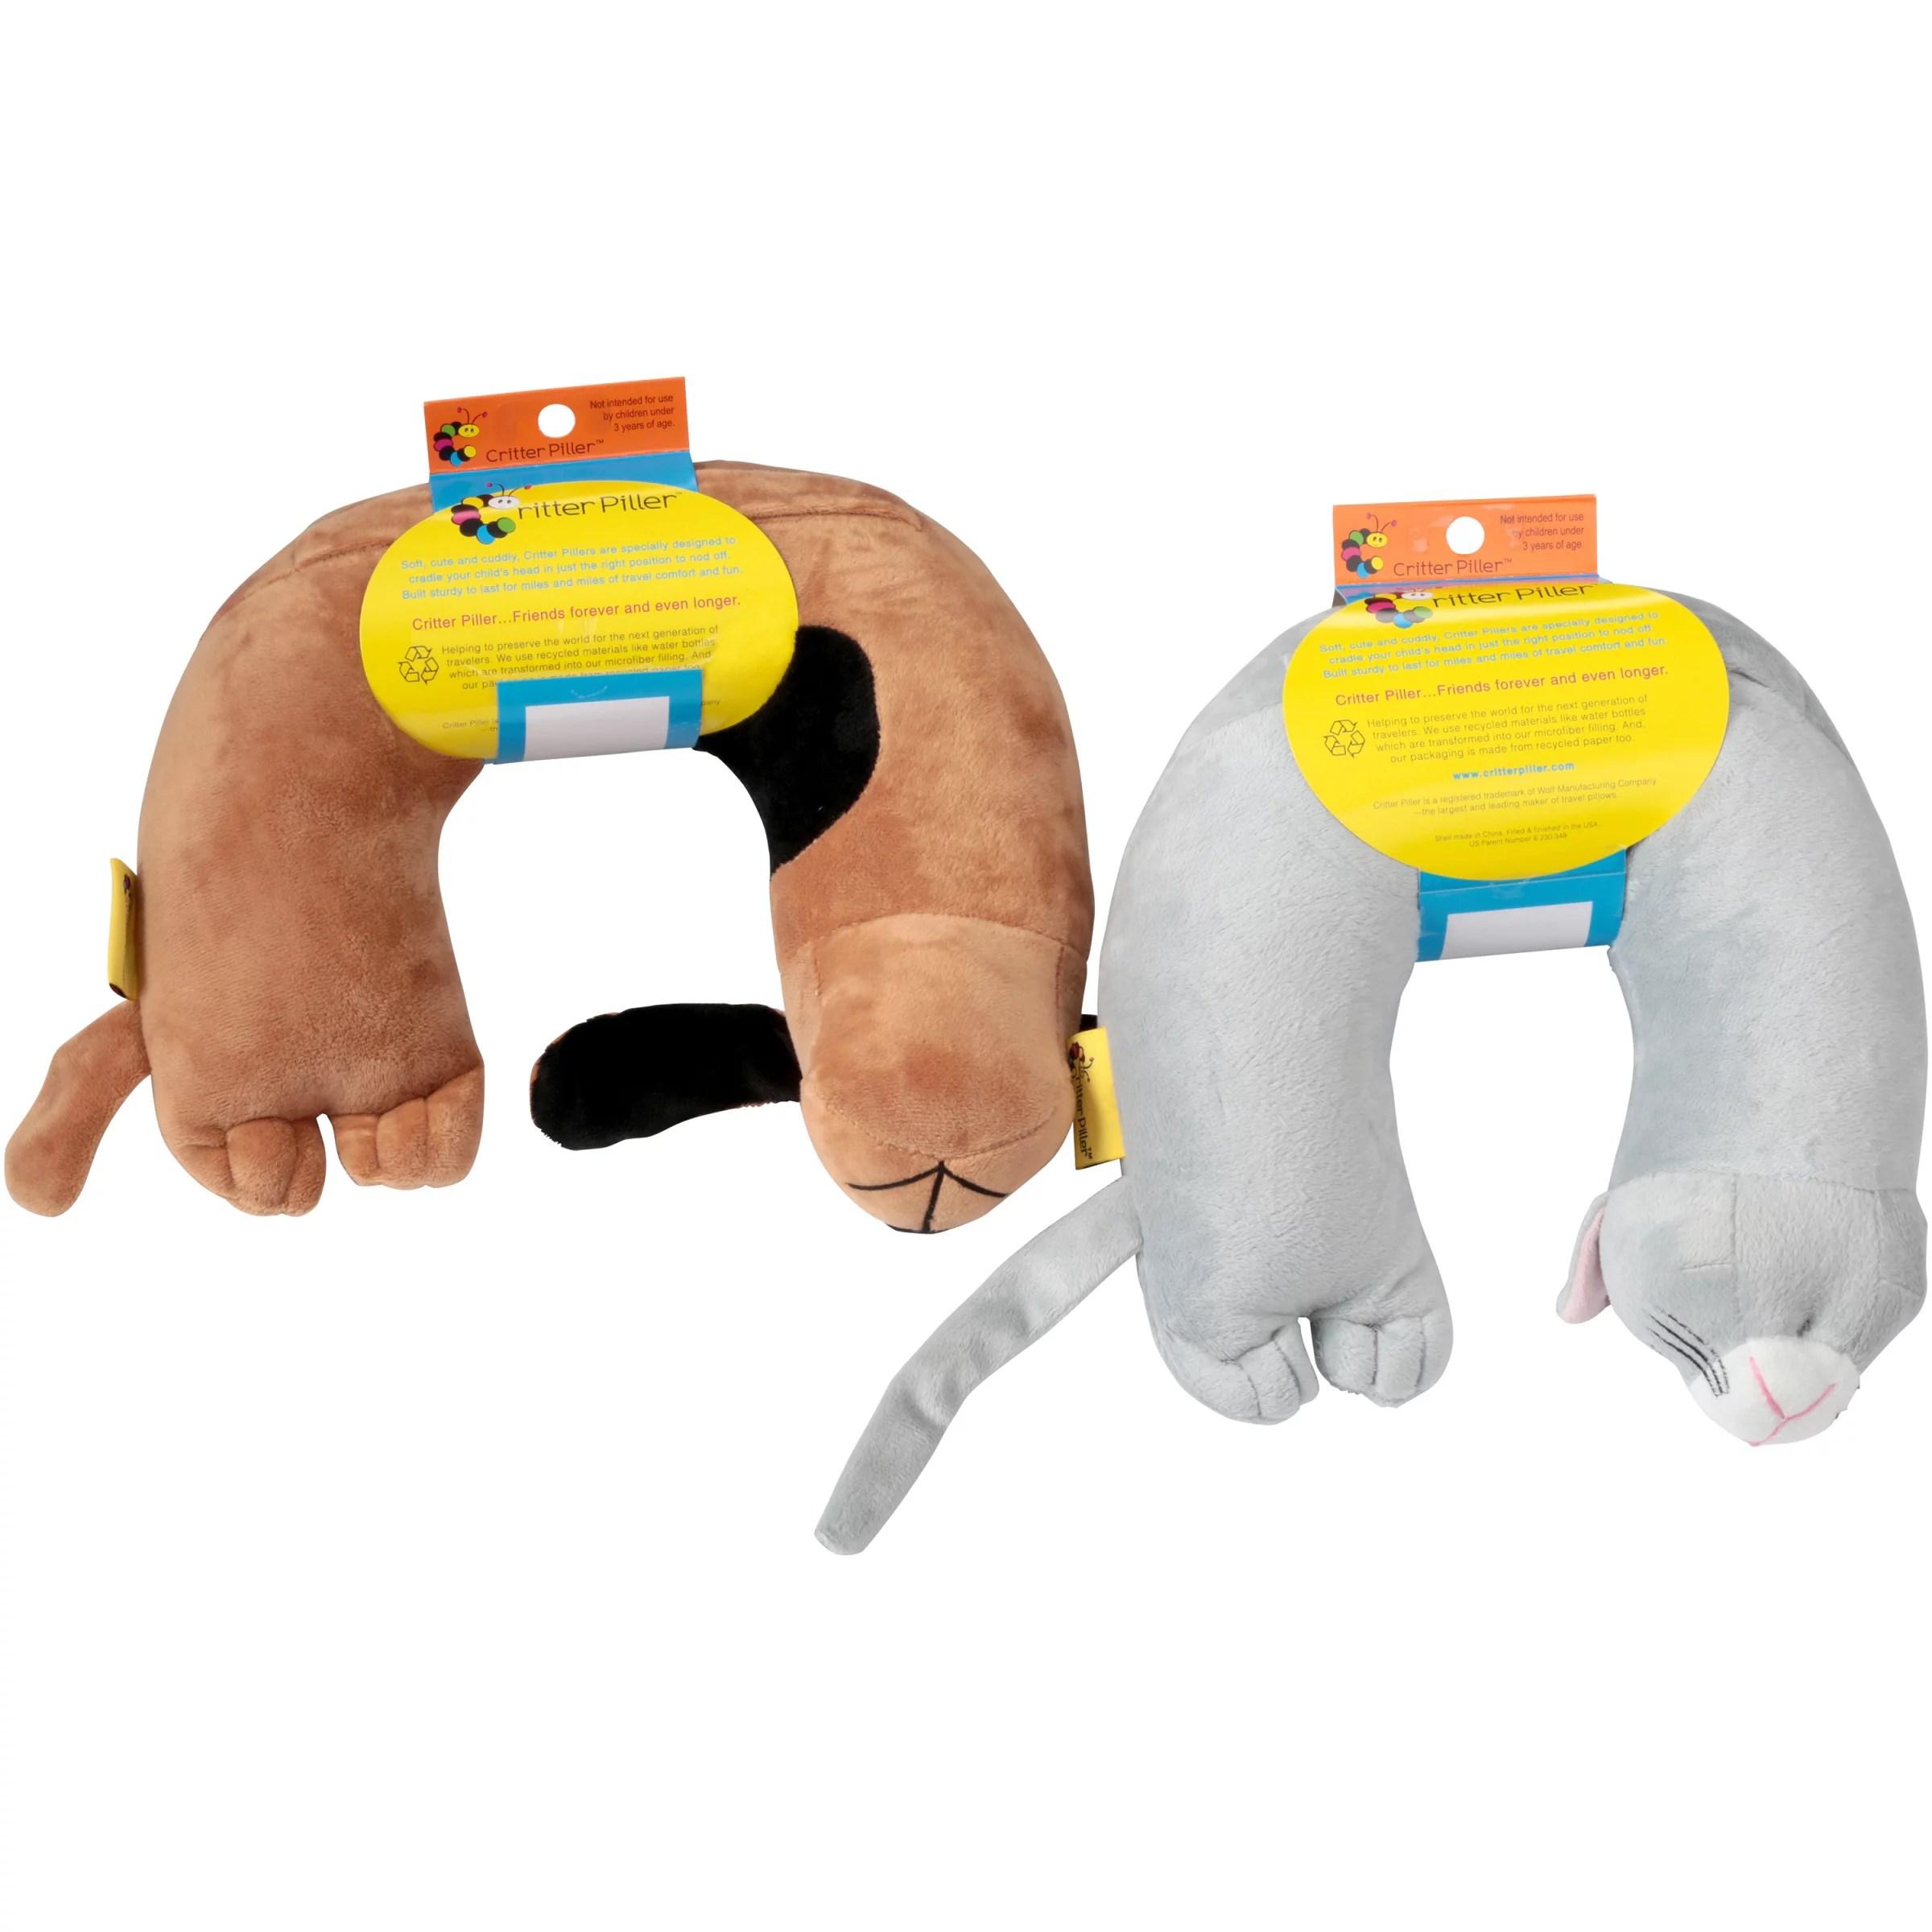 critter piller kid s travel buddy comfort pillows 2 ct pack